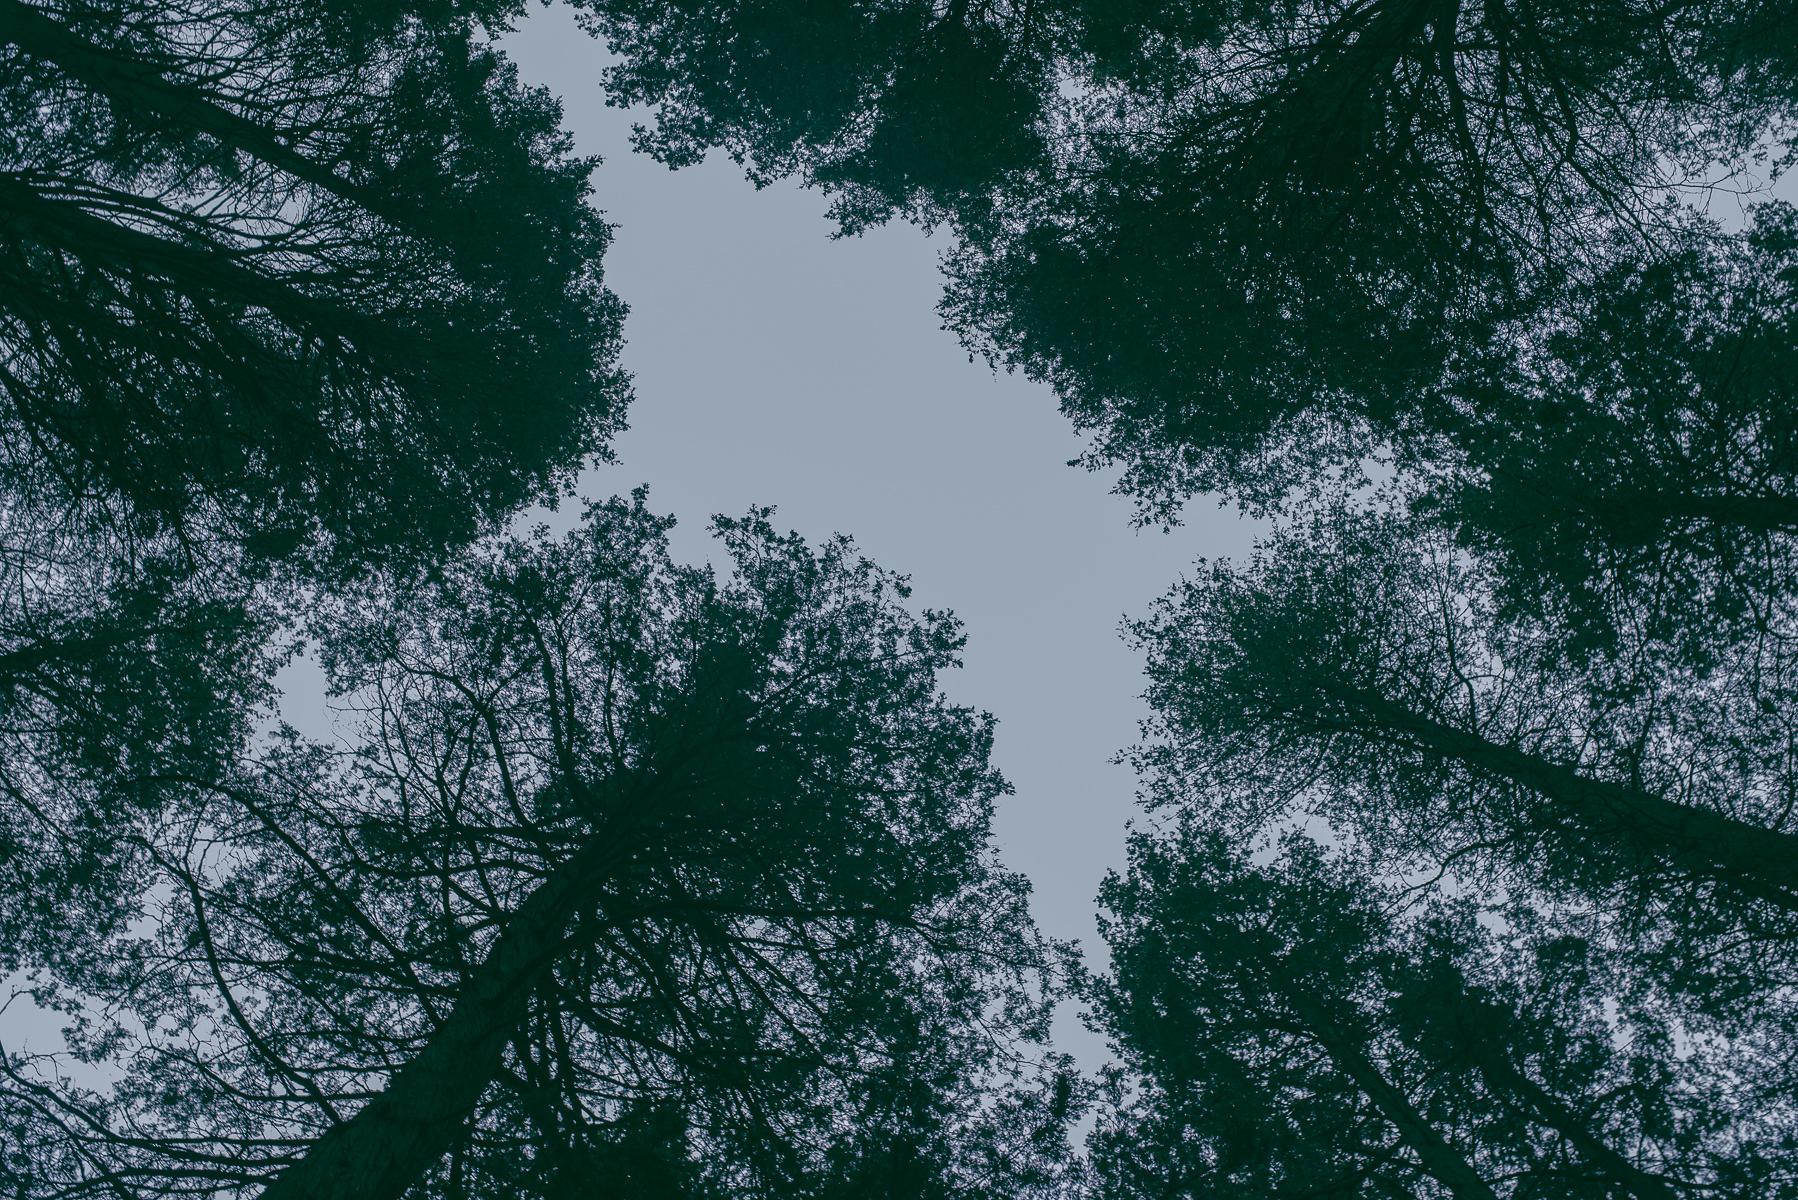 endofyear_15-10.jpg